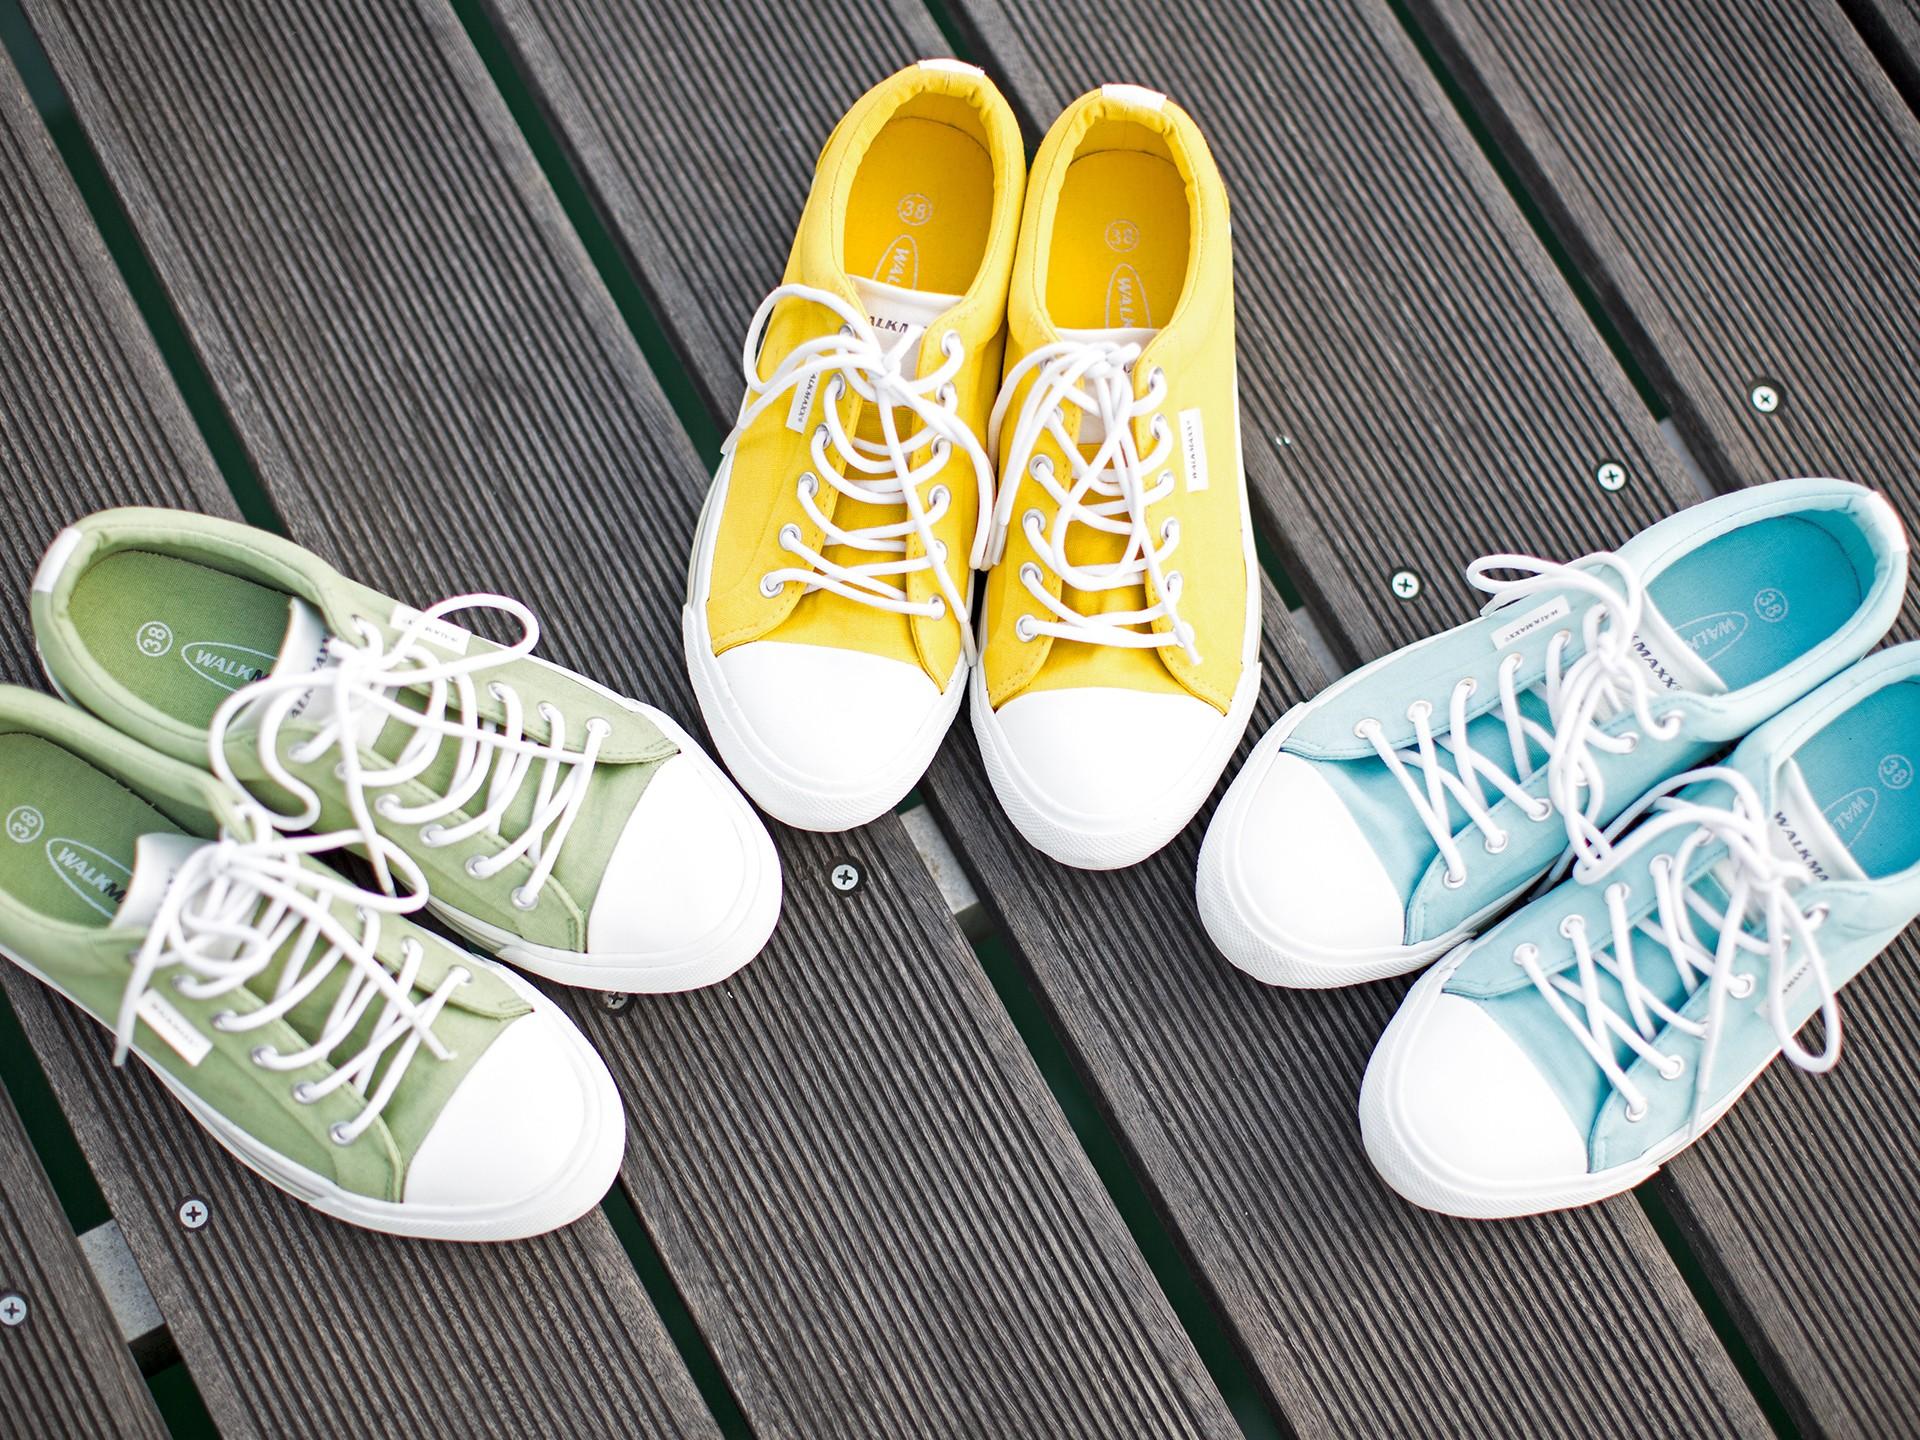 Купить Дешево Женскую Одежду И Обувь